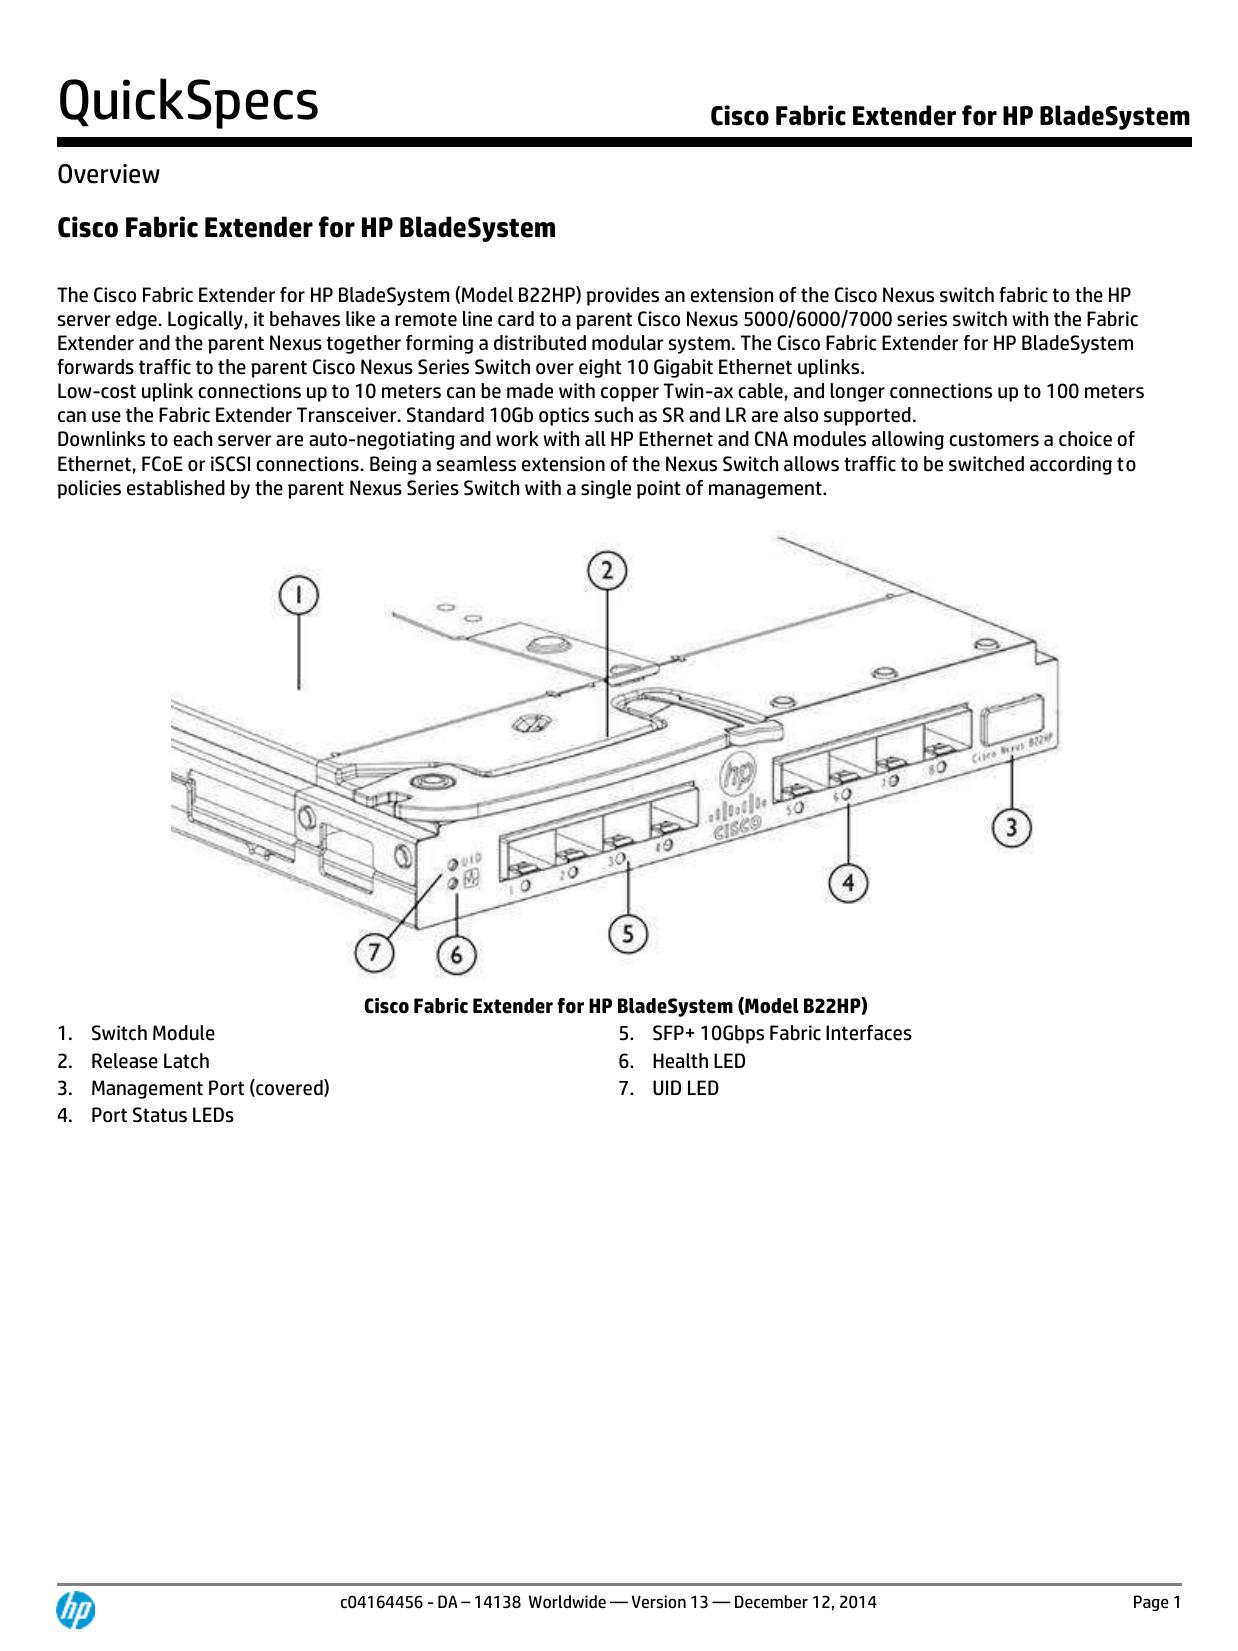 Cisco Fabric Extender for HP BladeSystem | manualzz com